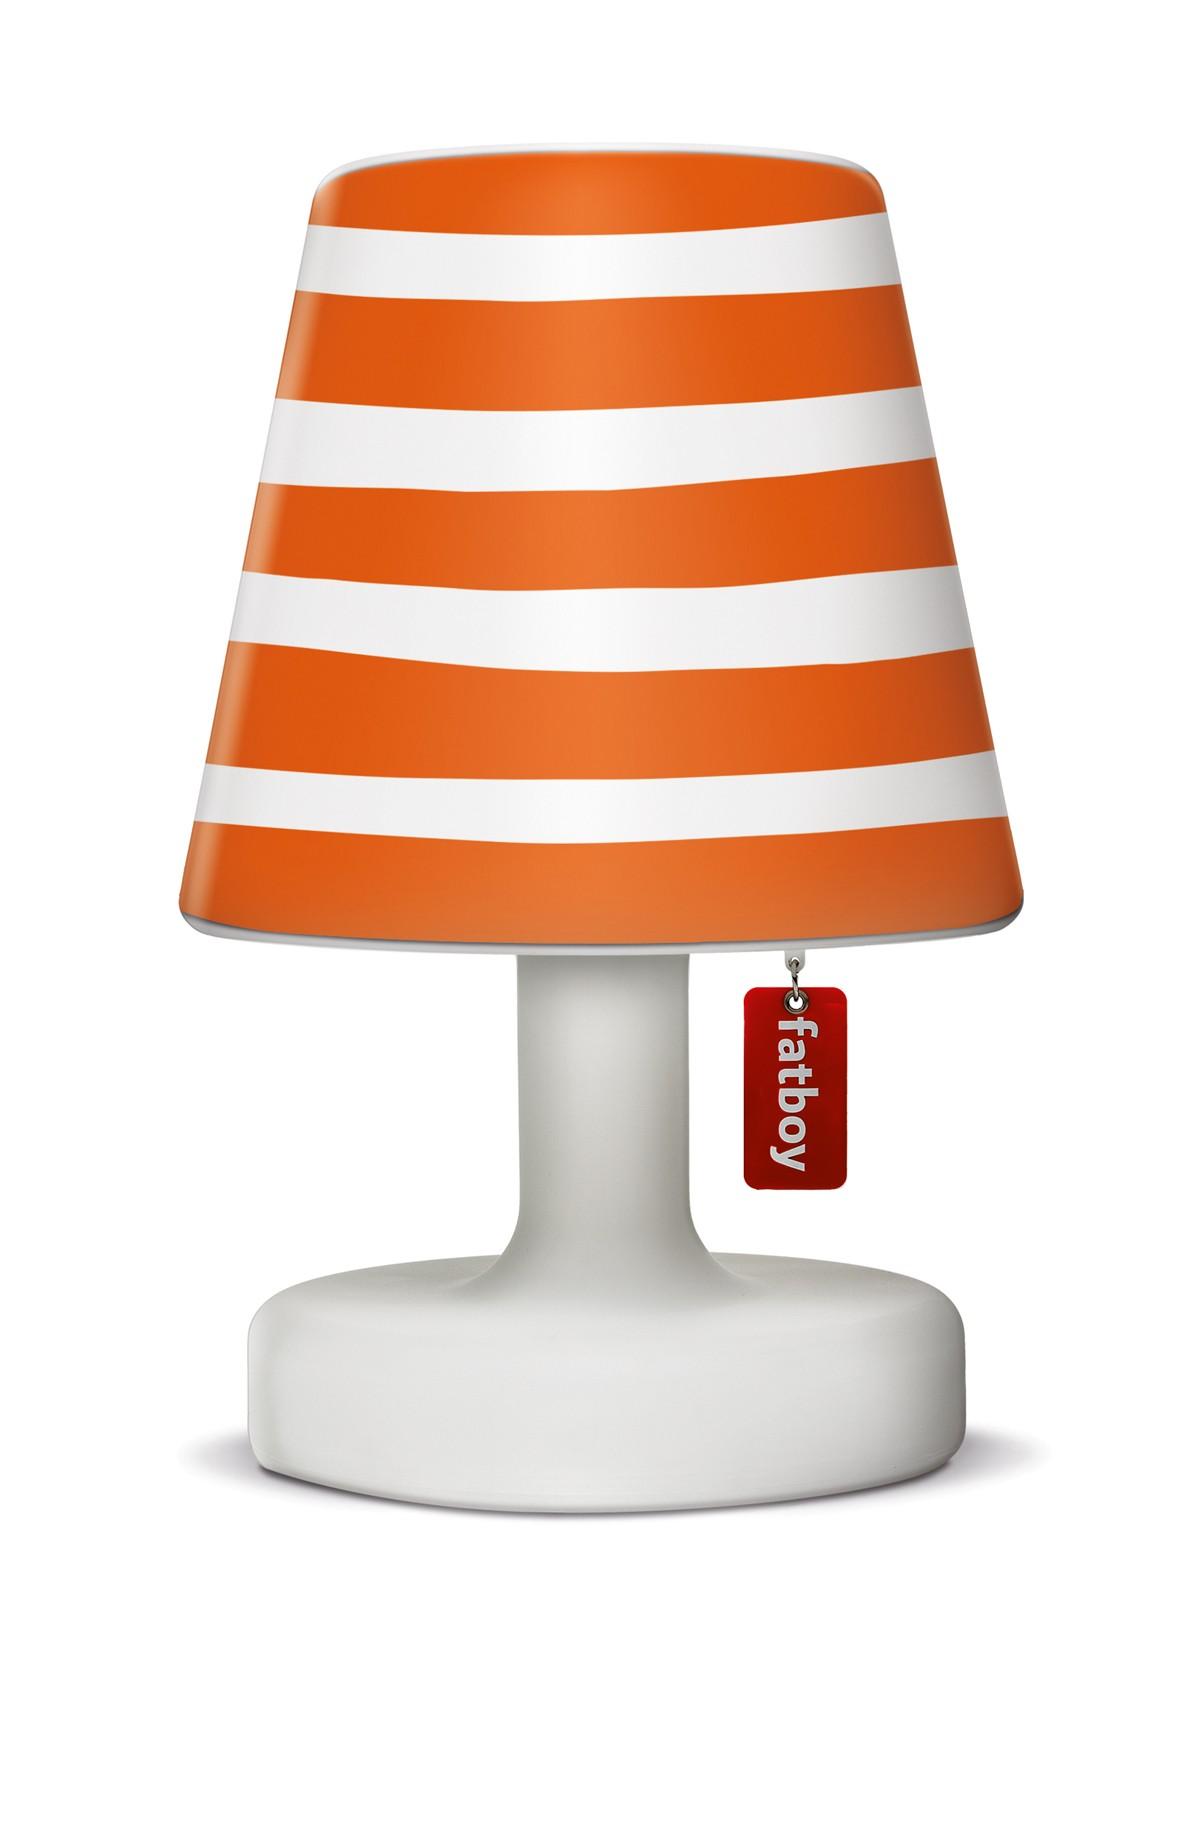 Lampe edison the petit mr orange de fatboy - Lampe fatboy pas cher ...